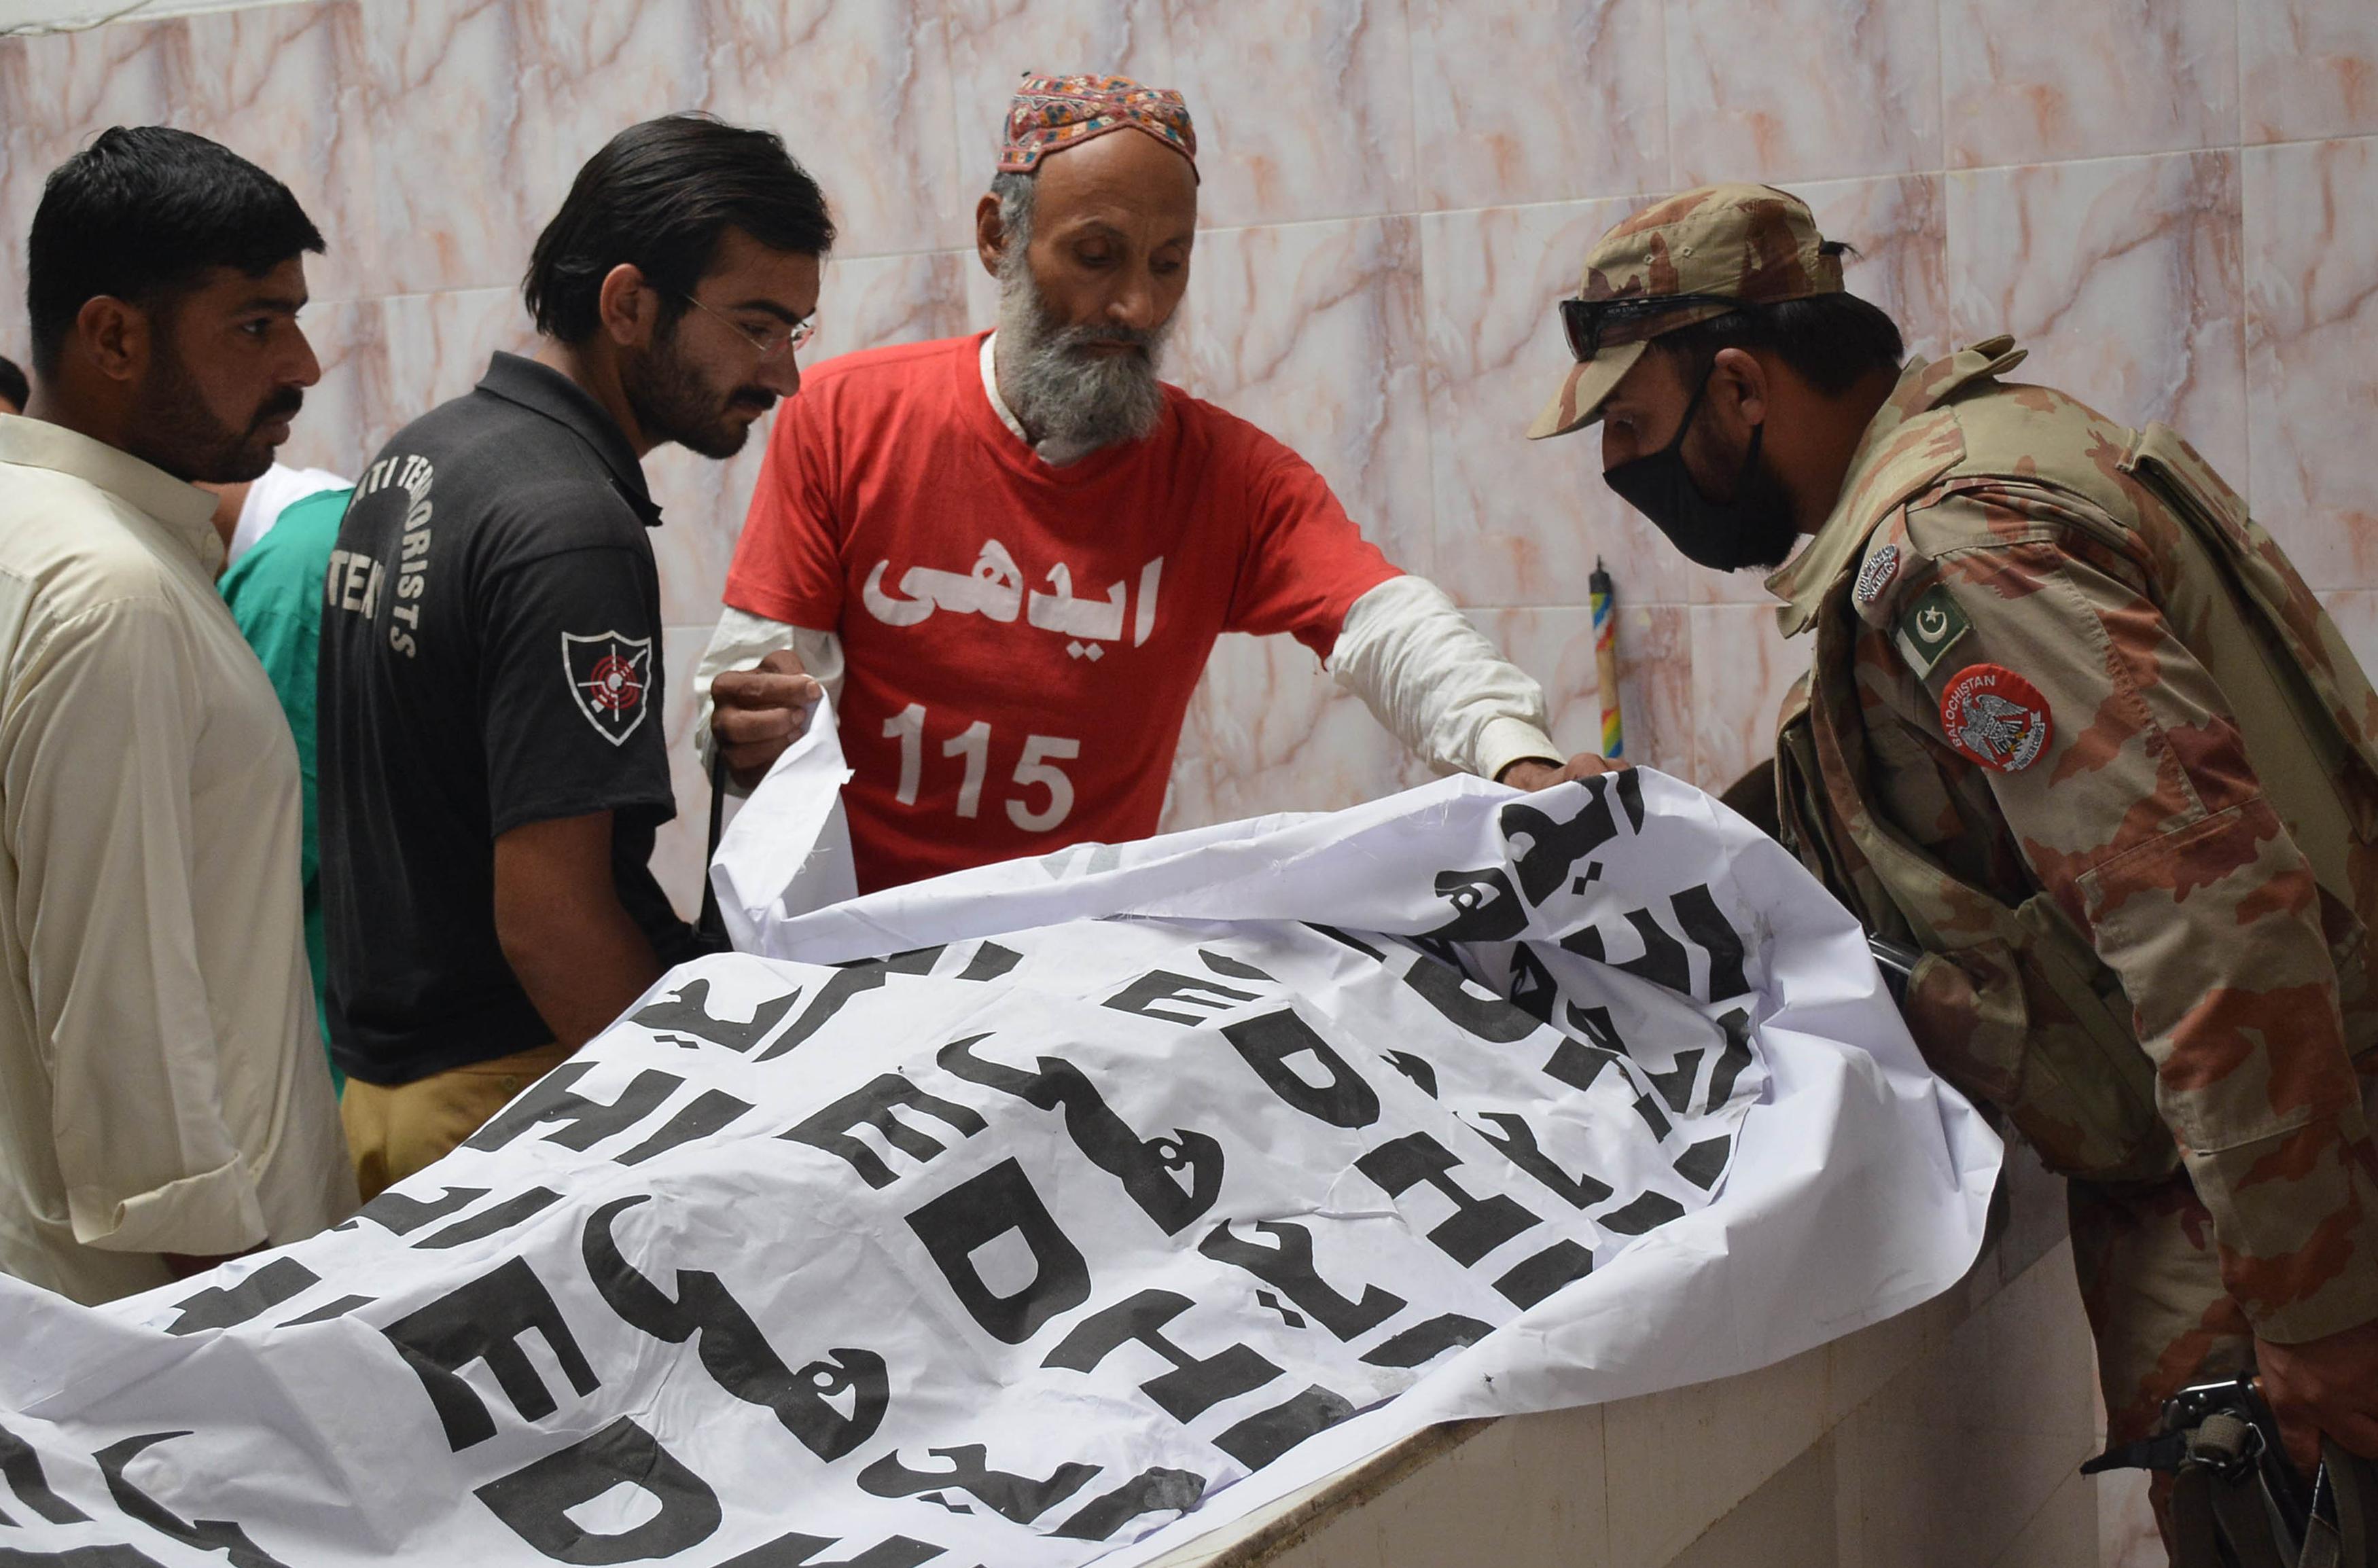 داعش سے ملحق لشکرِ جھنگوی نے کوئٹہ میں 3 پولیس اہلکاروں کو ہلاک کر دیا